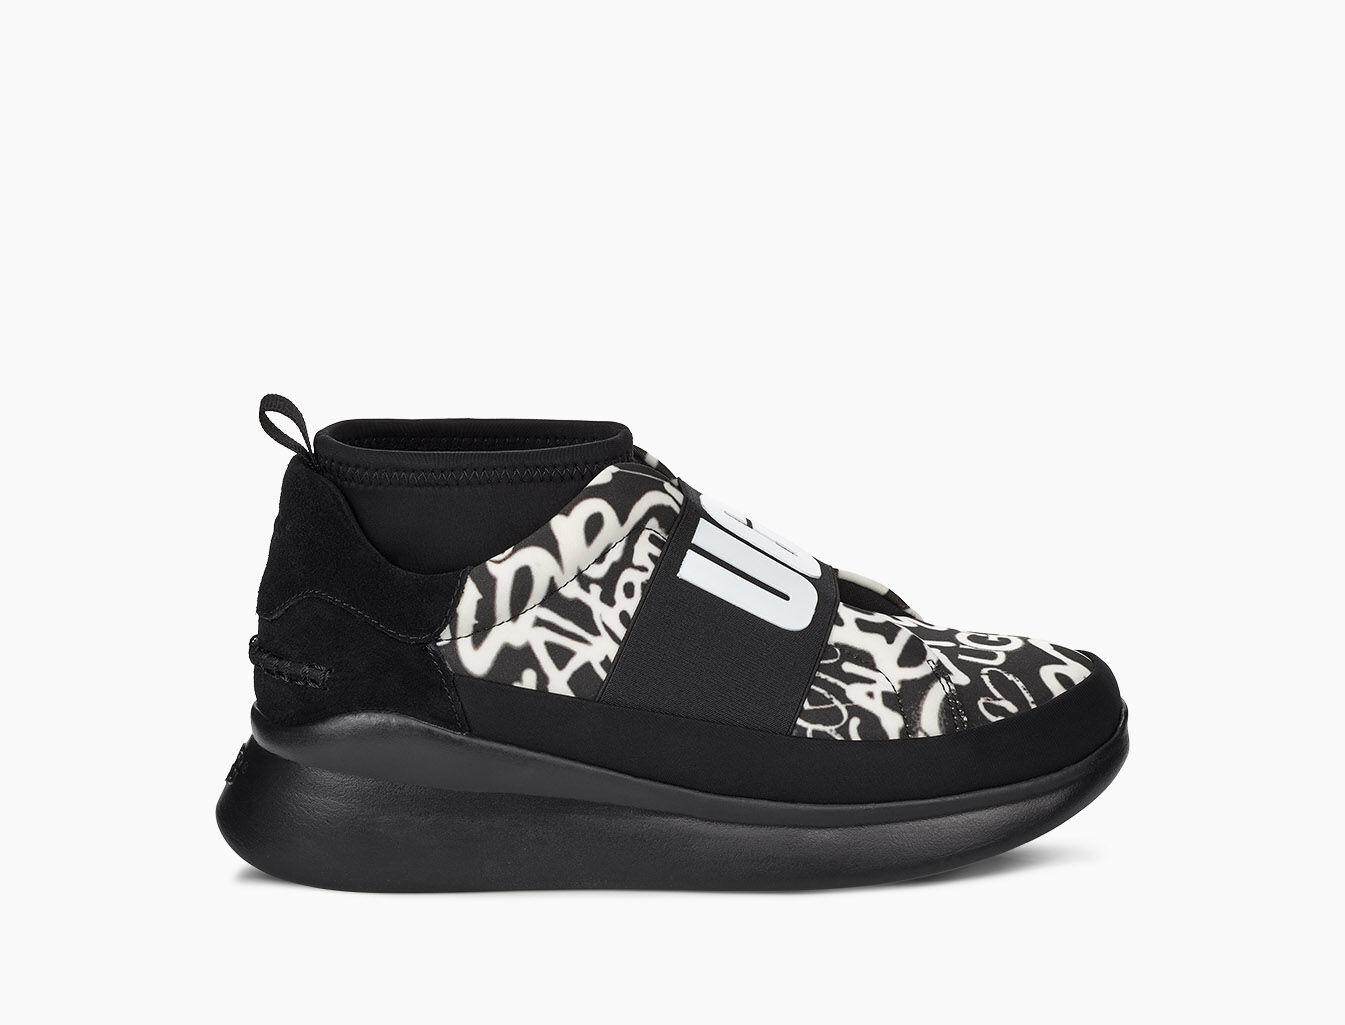 Women's Neutra Sneaker Graffiti Pop